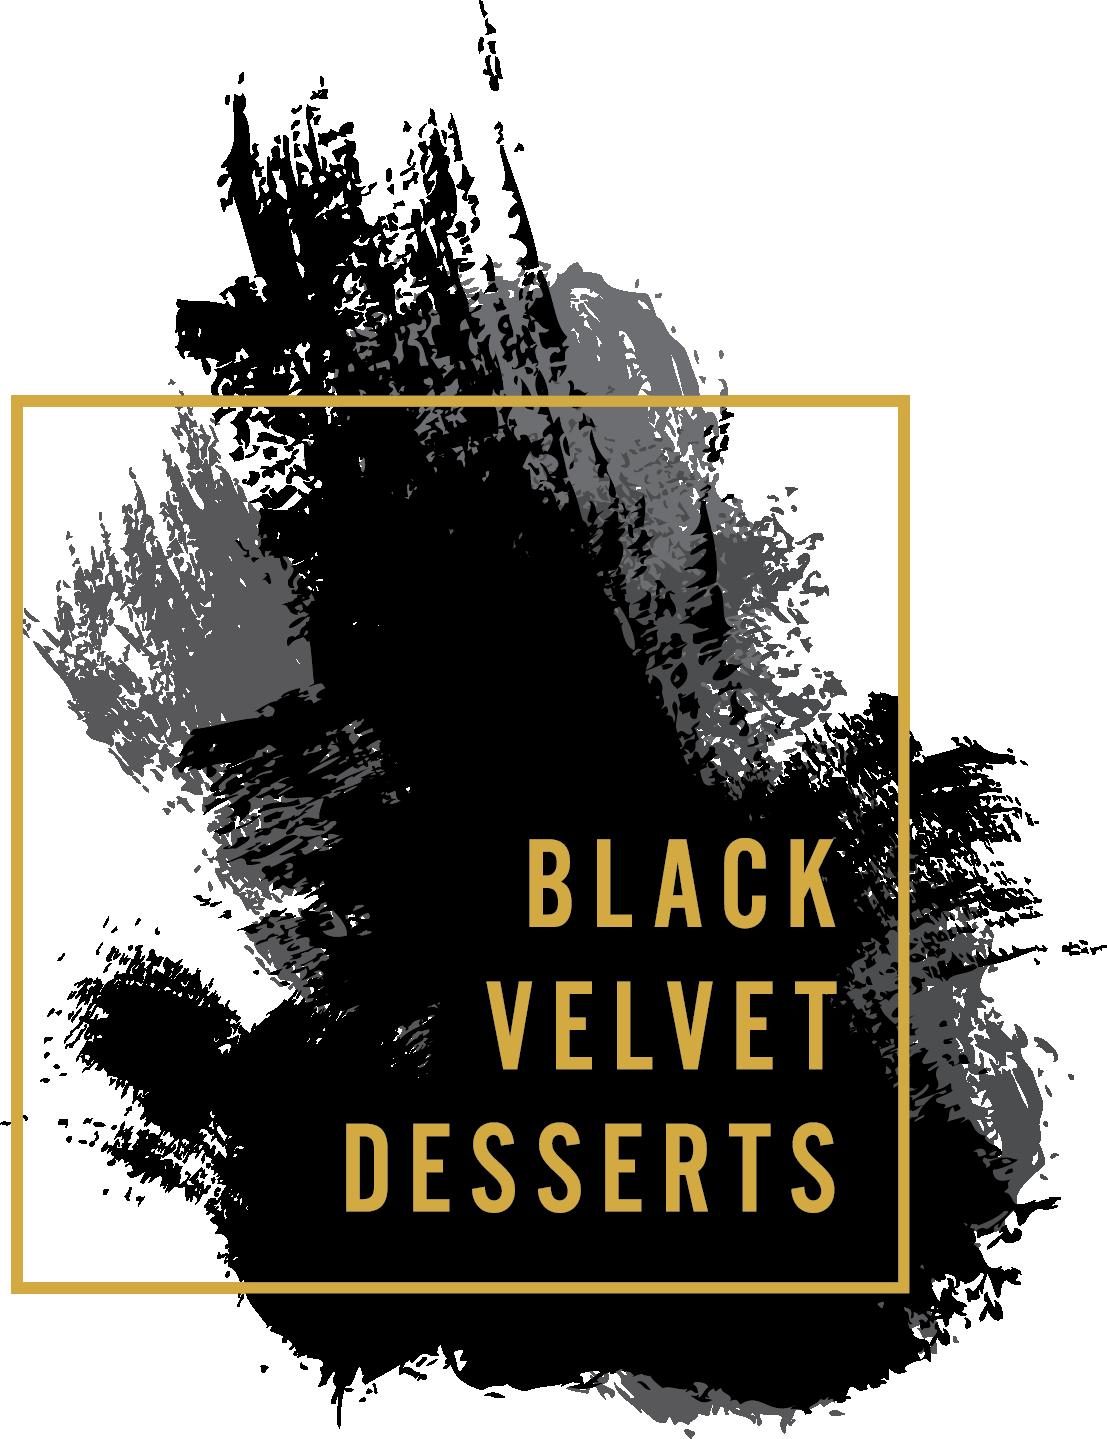 BlackVelvetDesserts-LOGO-color-large.png